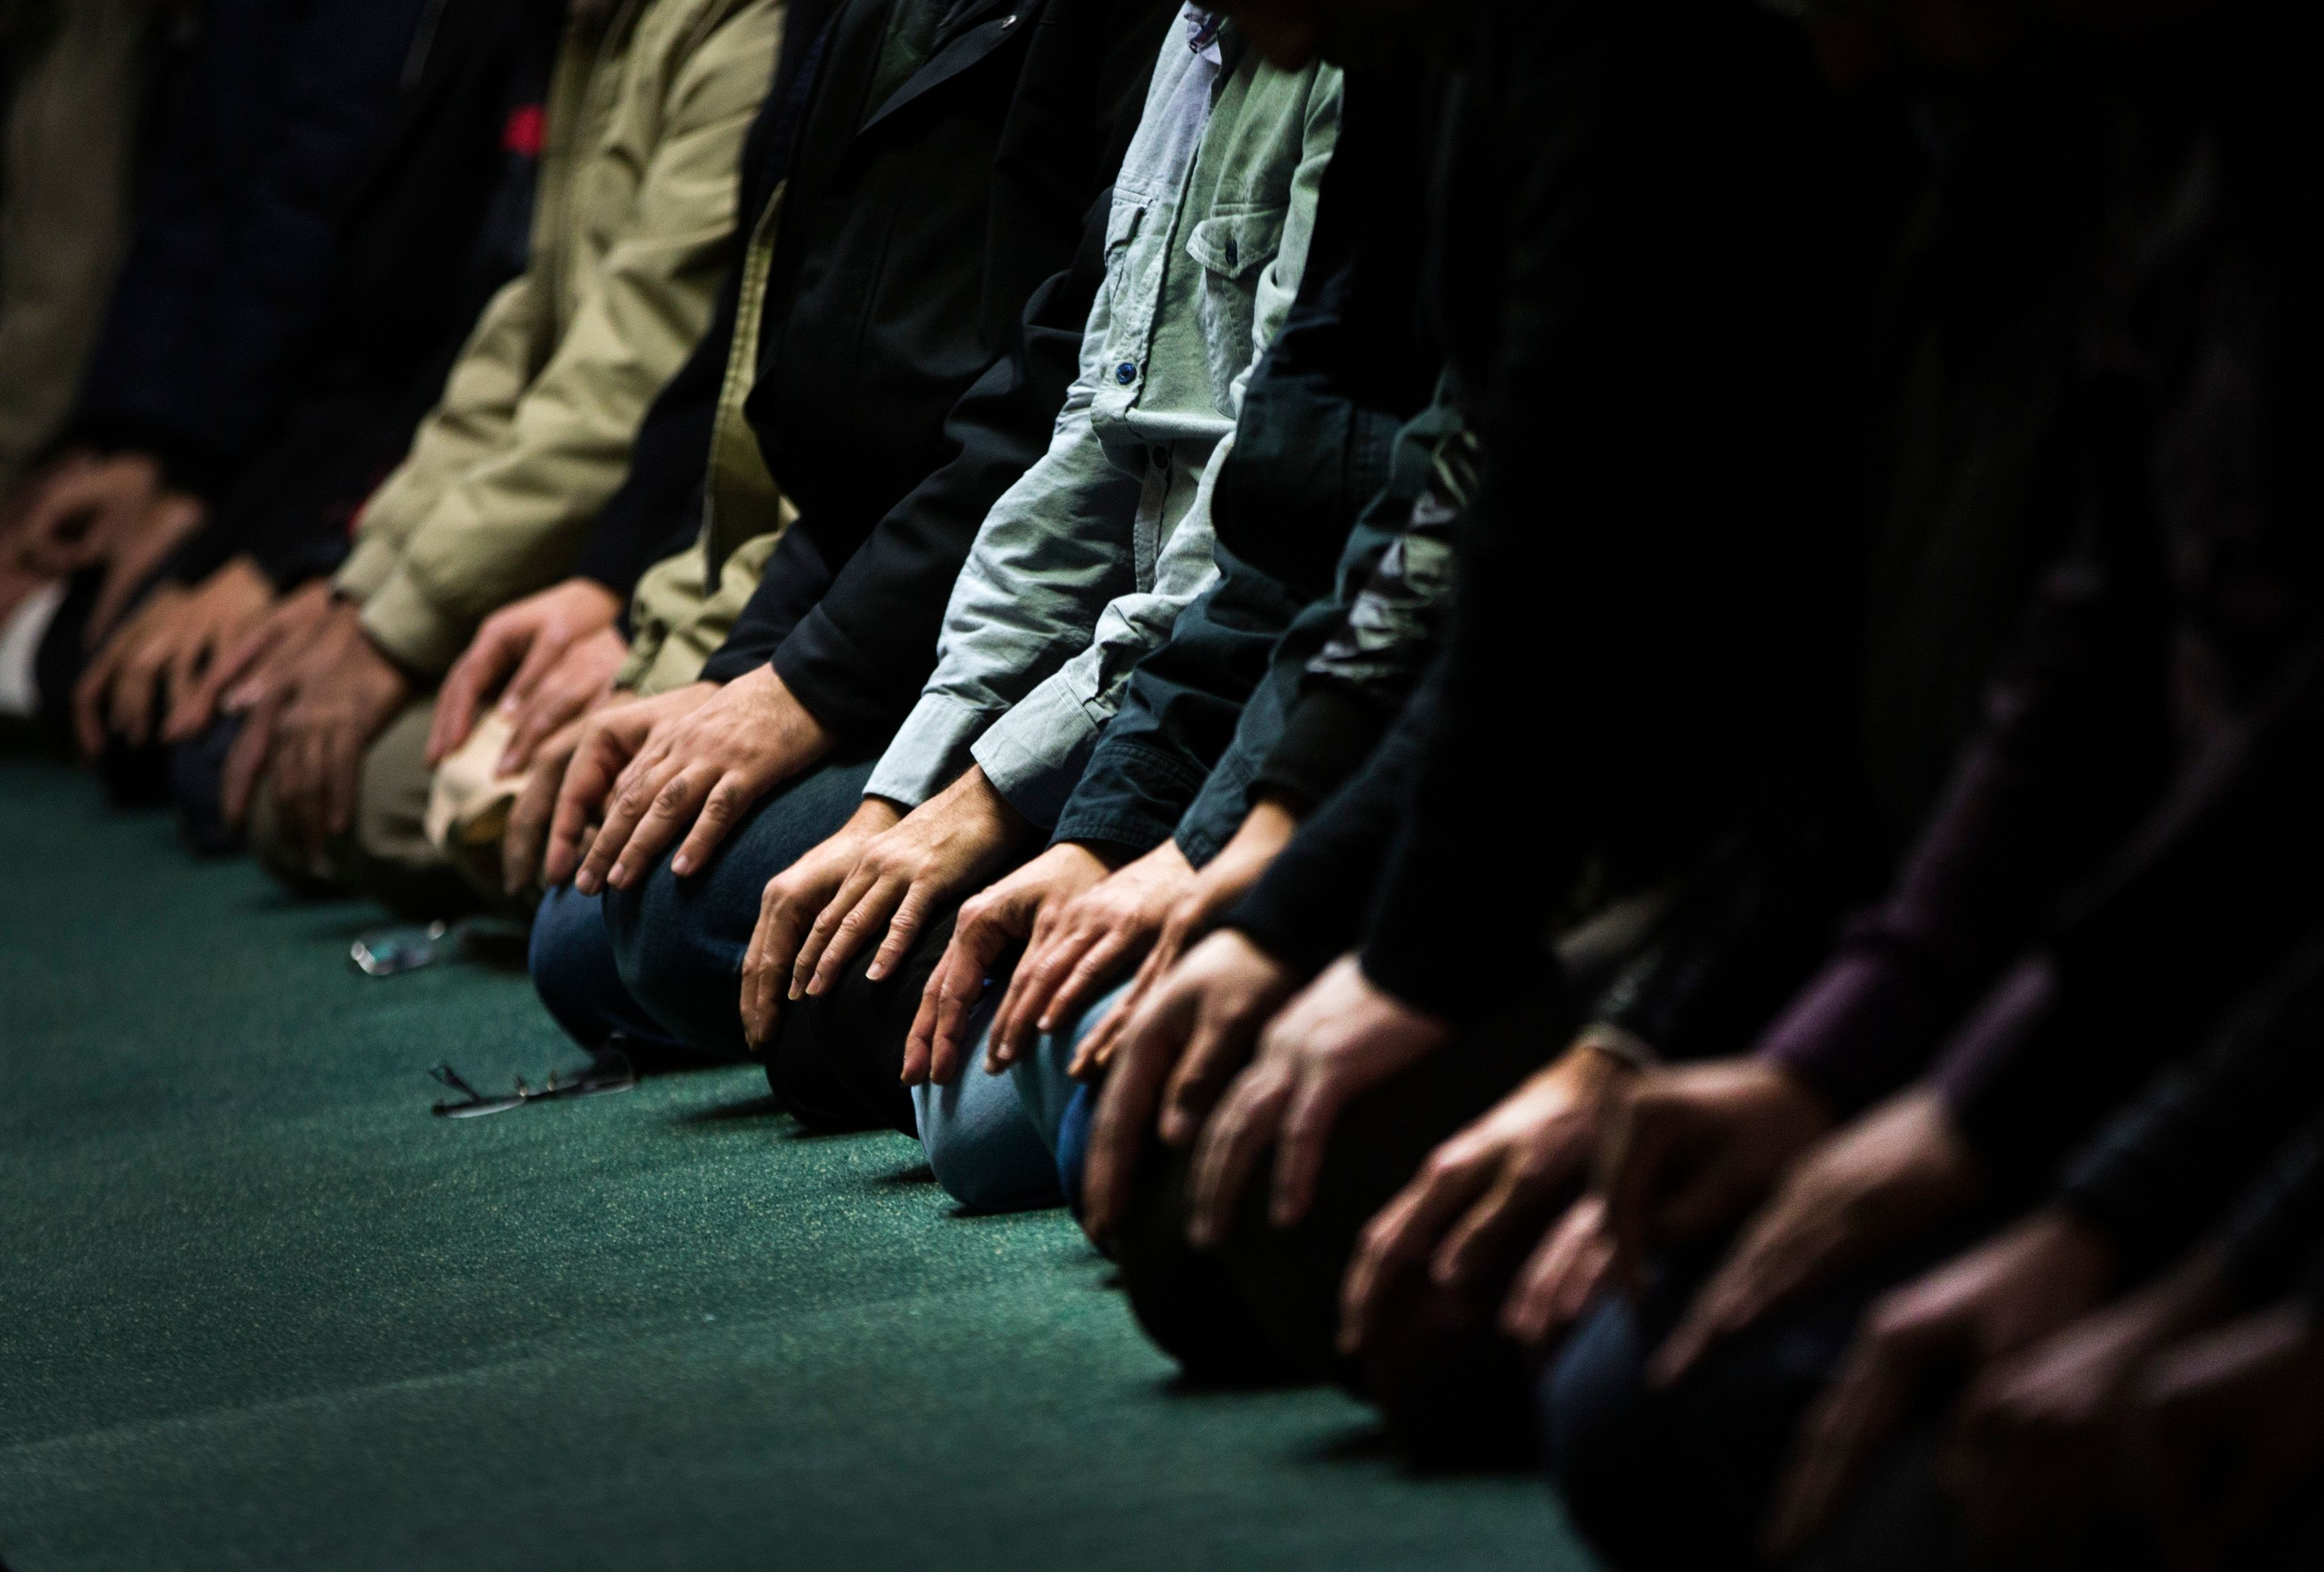 La justice devait se prononcer sur la validité du permis de construire de la mosquée.